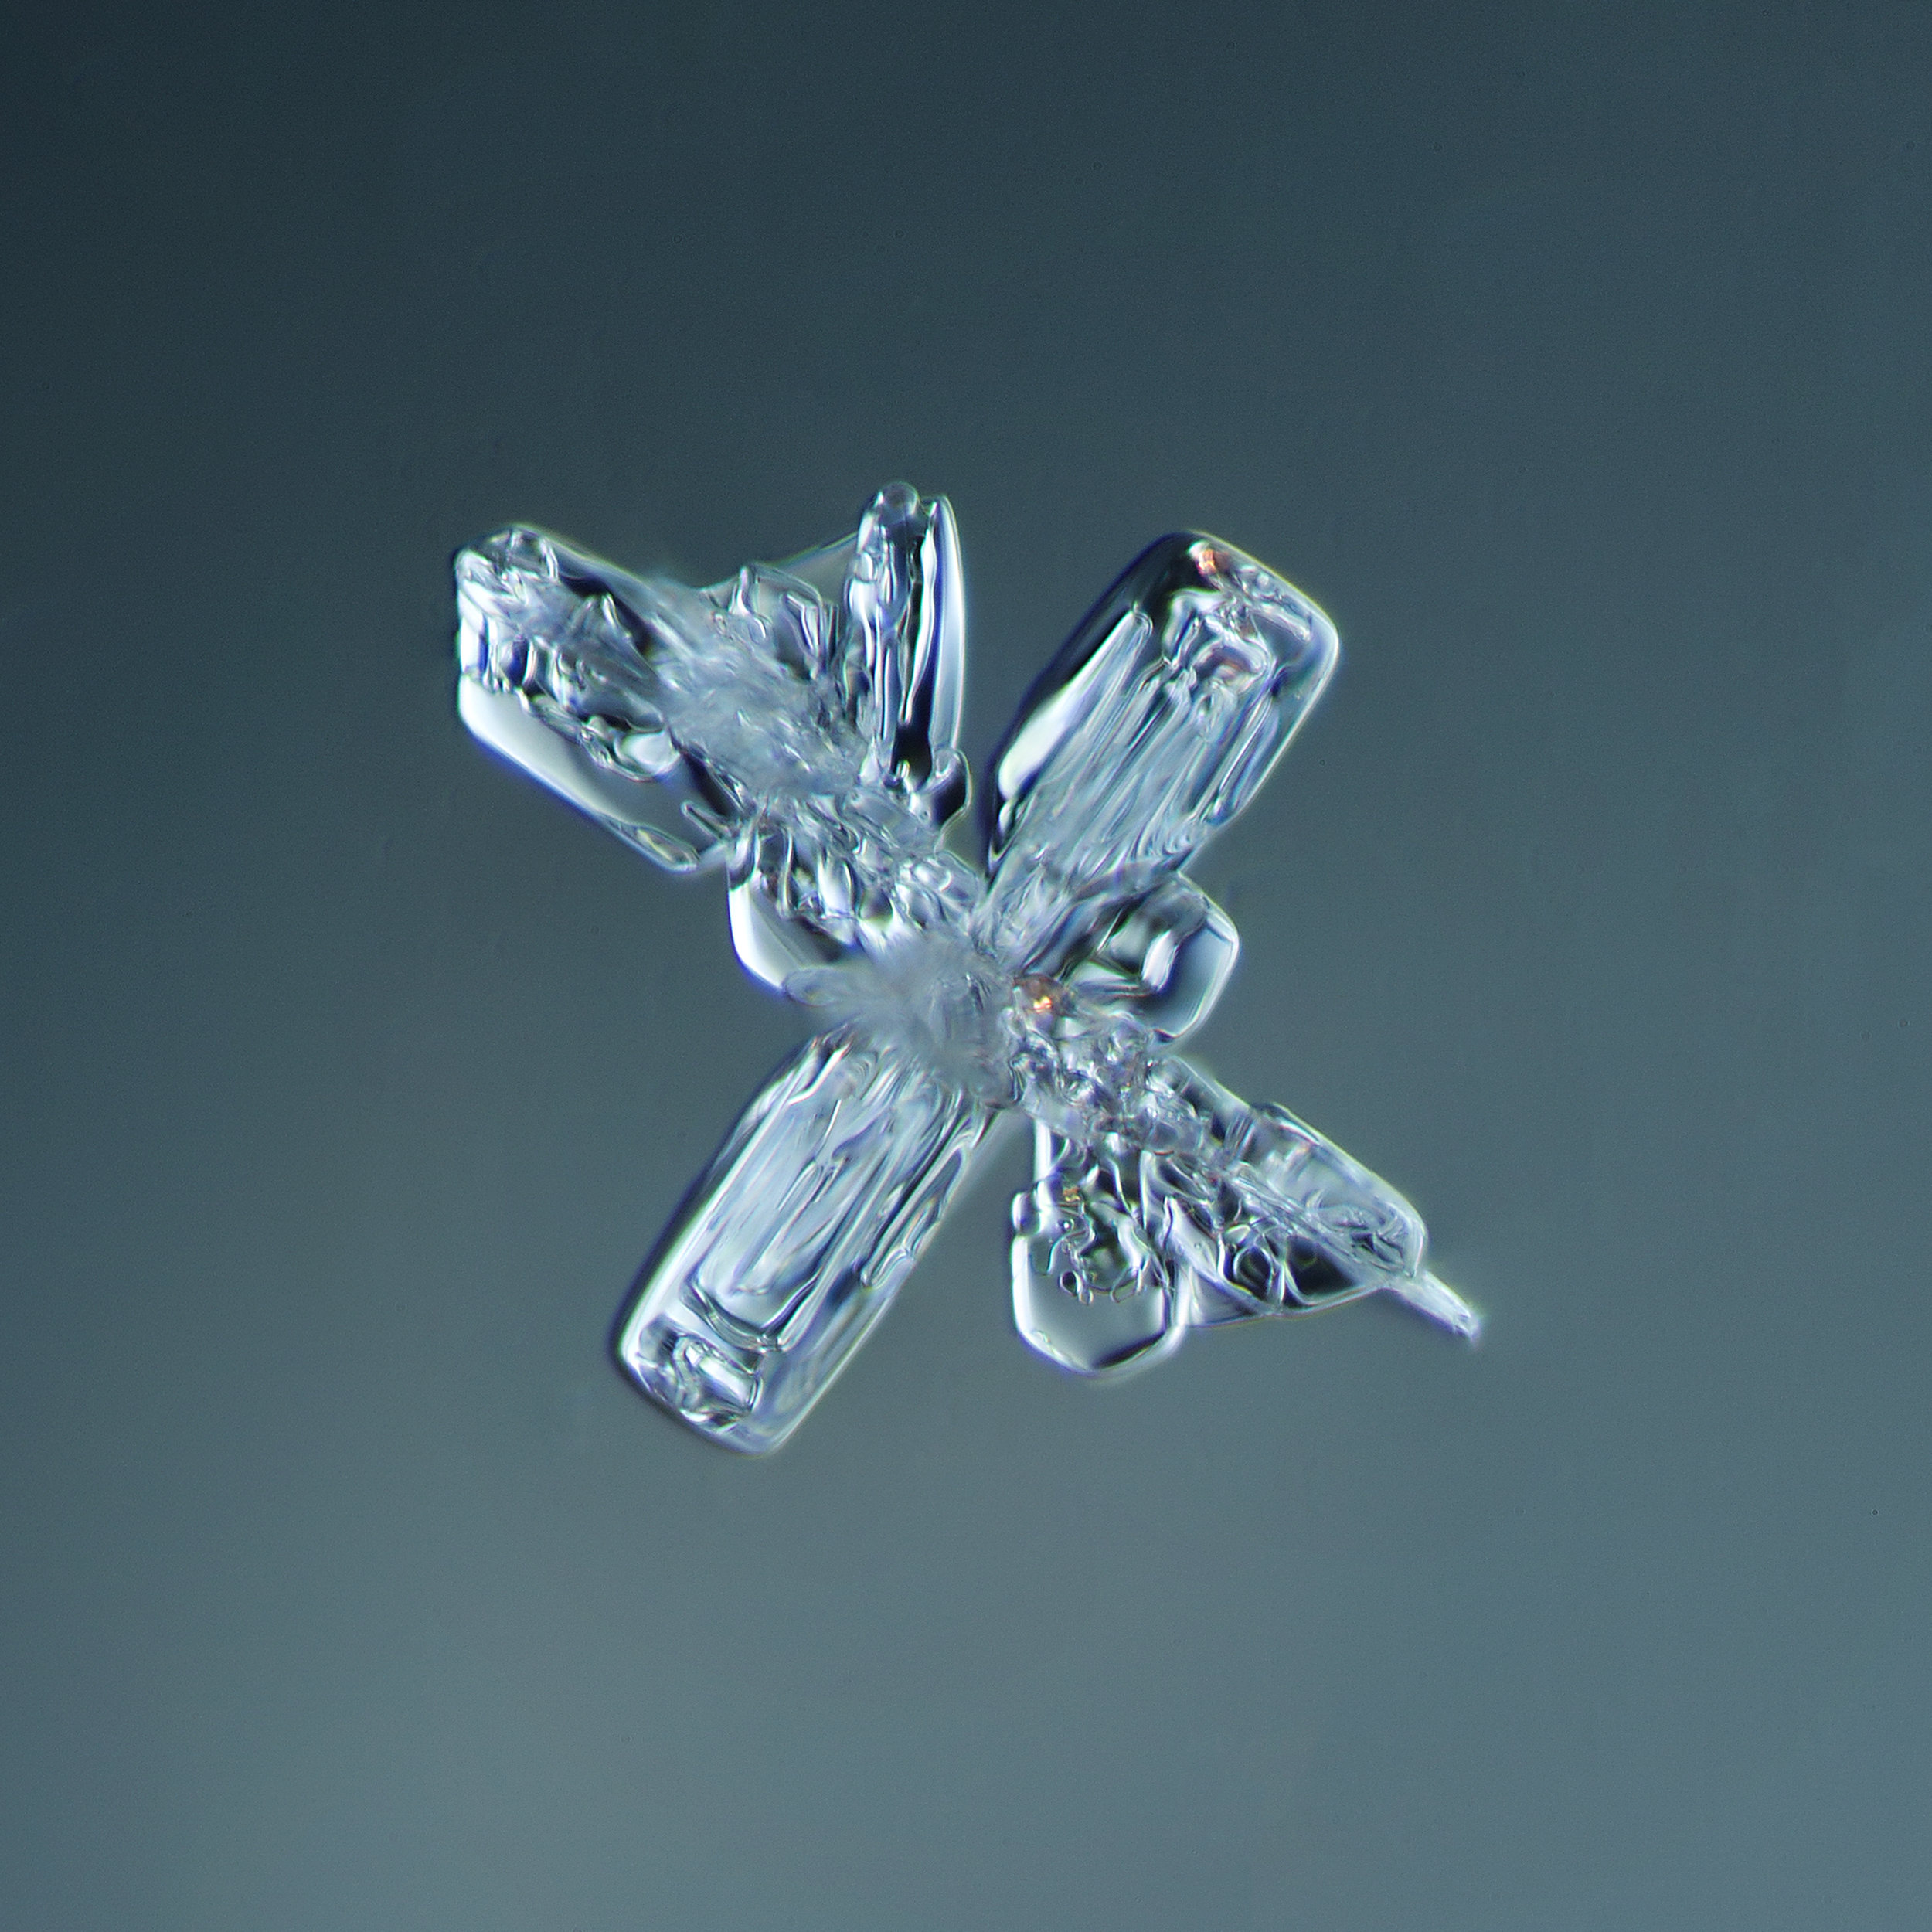 Snowflake 2014.02.09.004.JPG